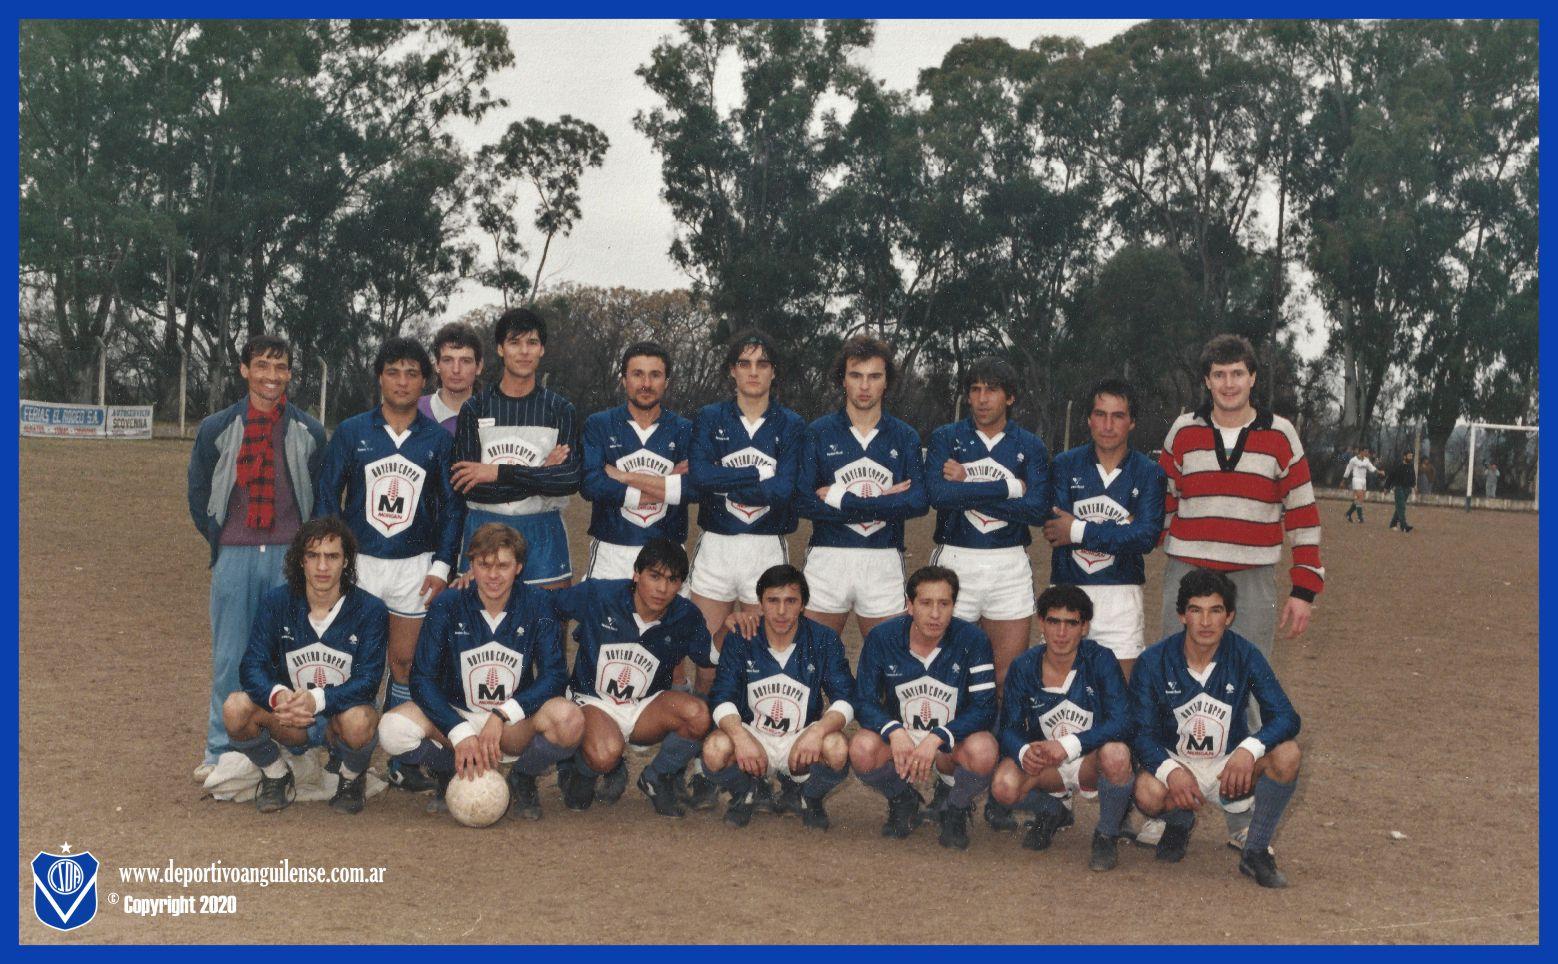 Anguilense 1991